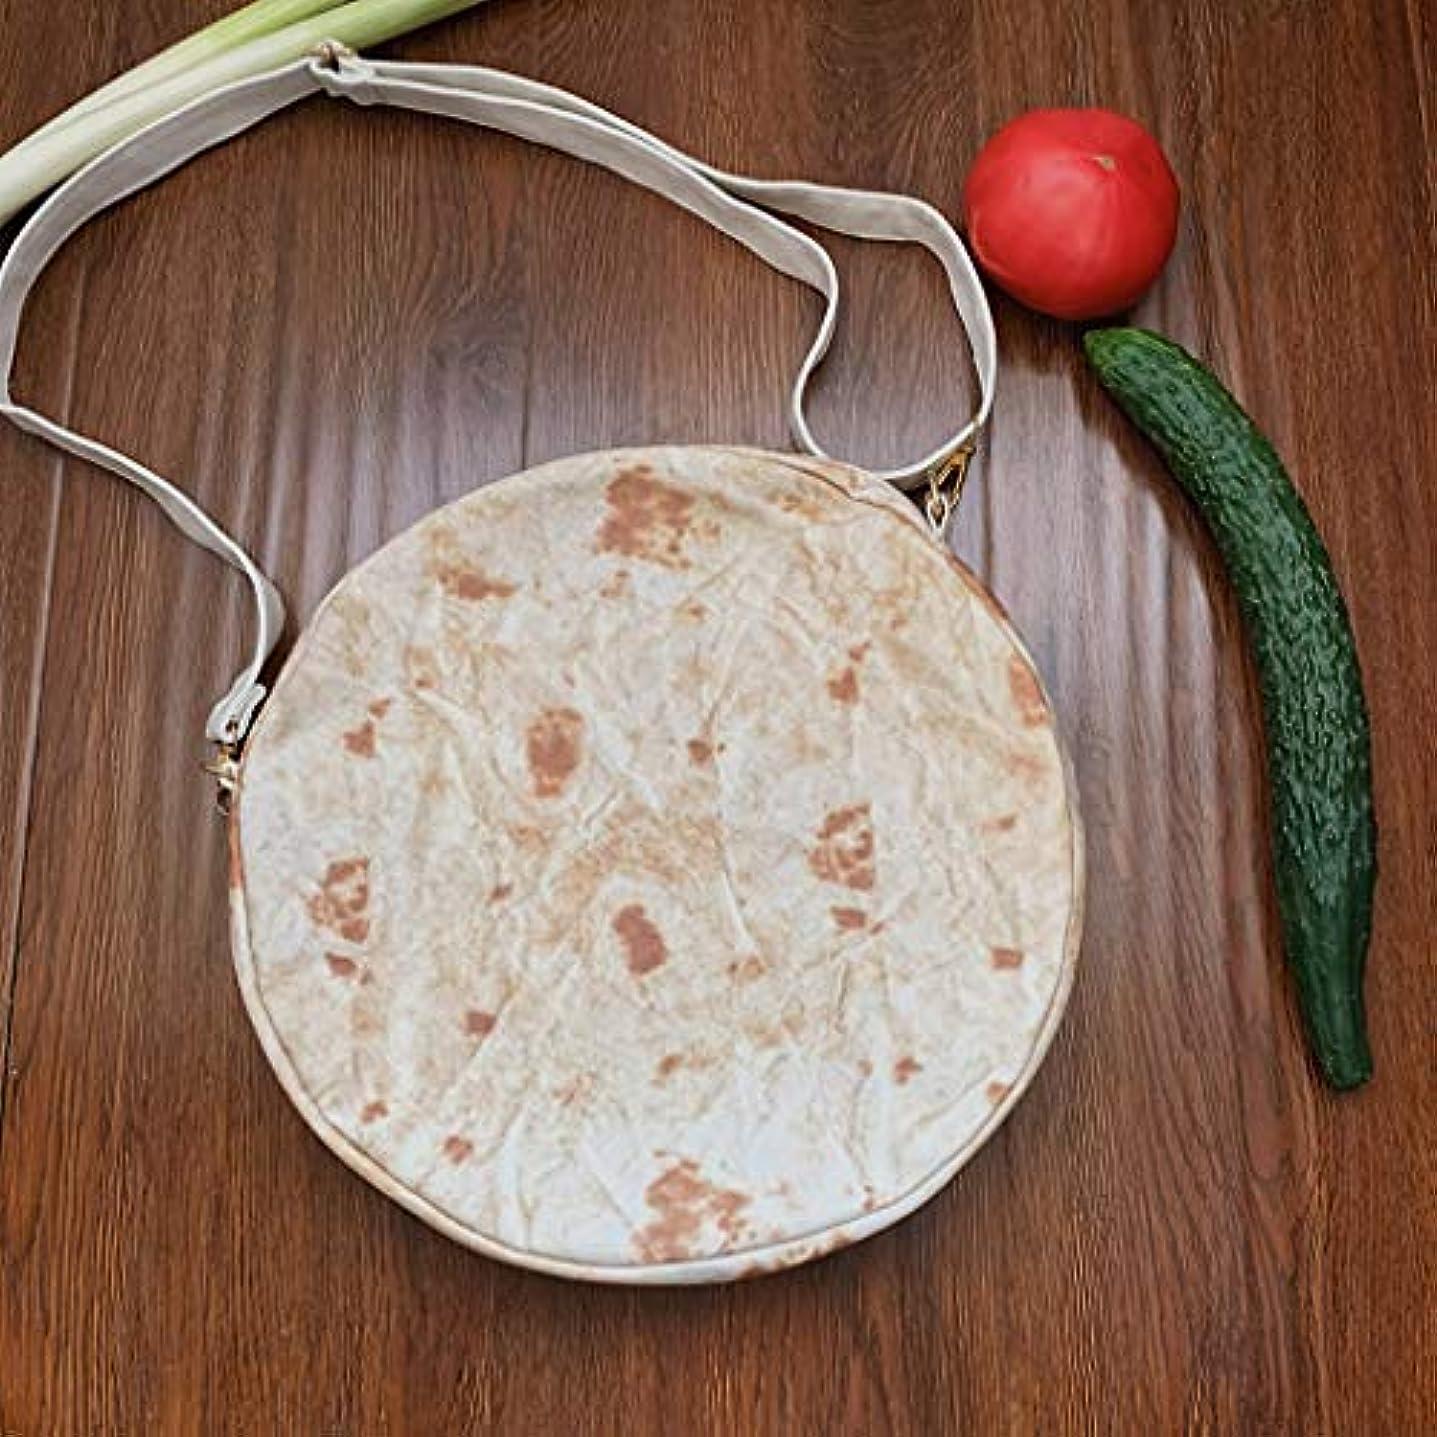 無実嫌い暗殺するファッション女性キャンバスメキシコの肉ロールショルダーメッセンジャーバッグ小さなラウンドバッグ、女性ブリトージッパーメッセンジャーバッグショルダーバッグノベルティファッションラウンドパック (B)